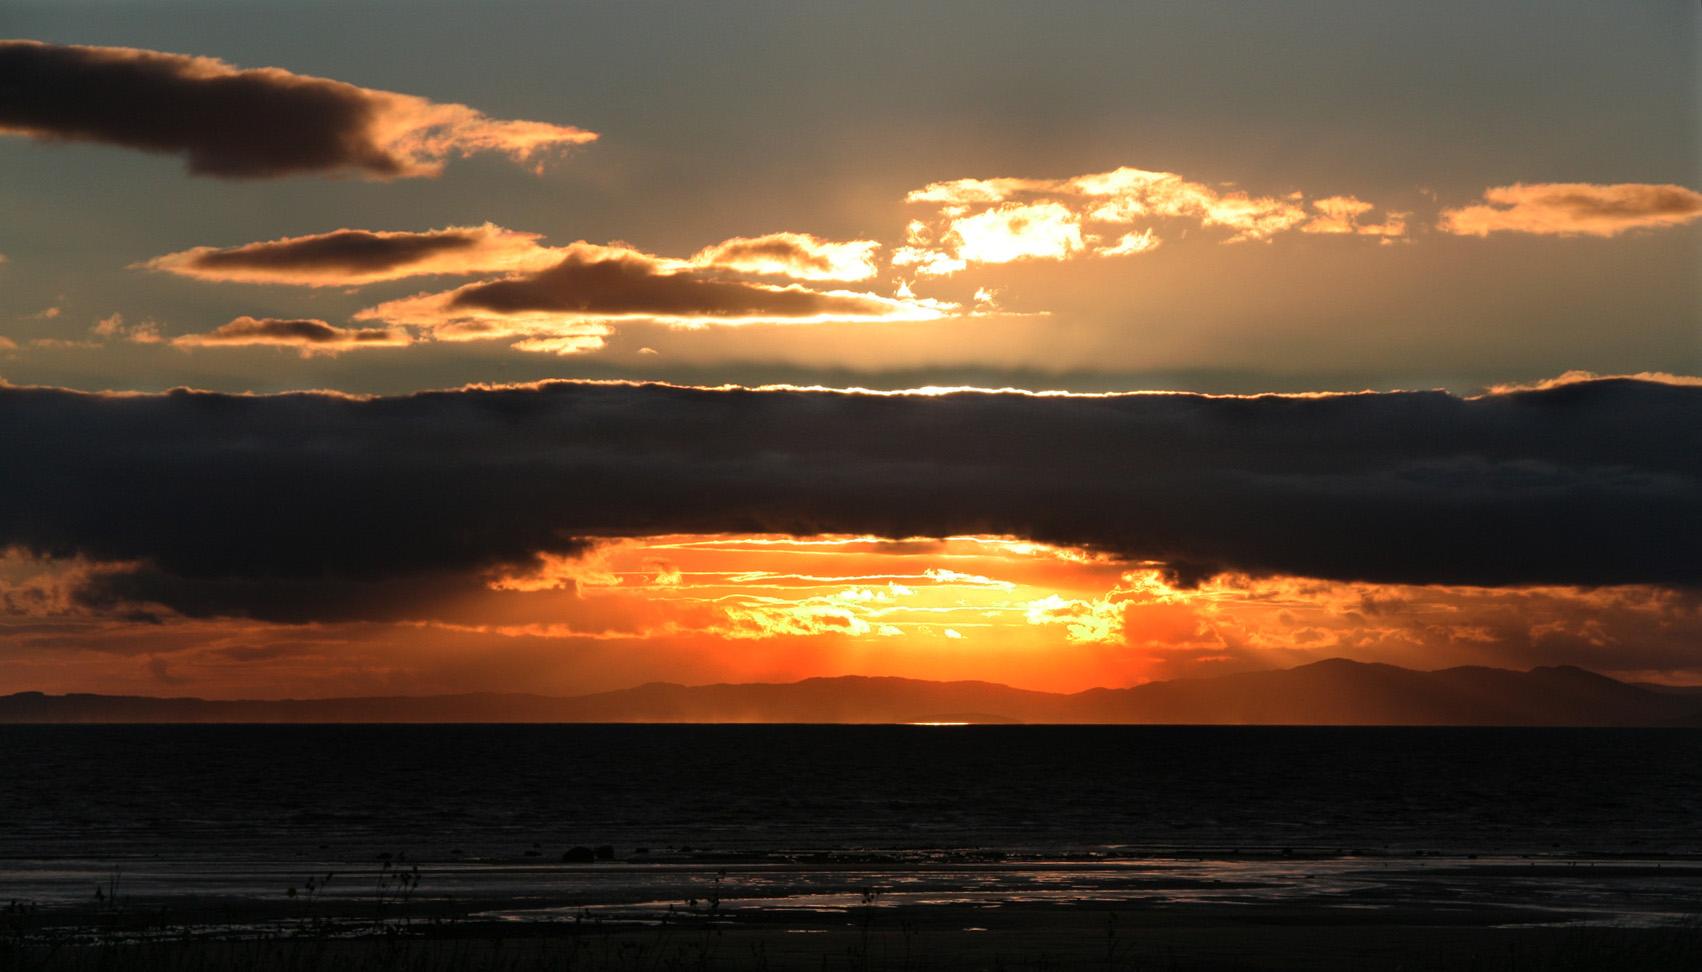 Sonne, Meer, Schottland